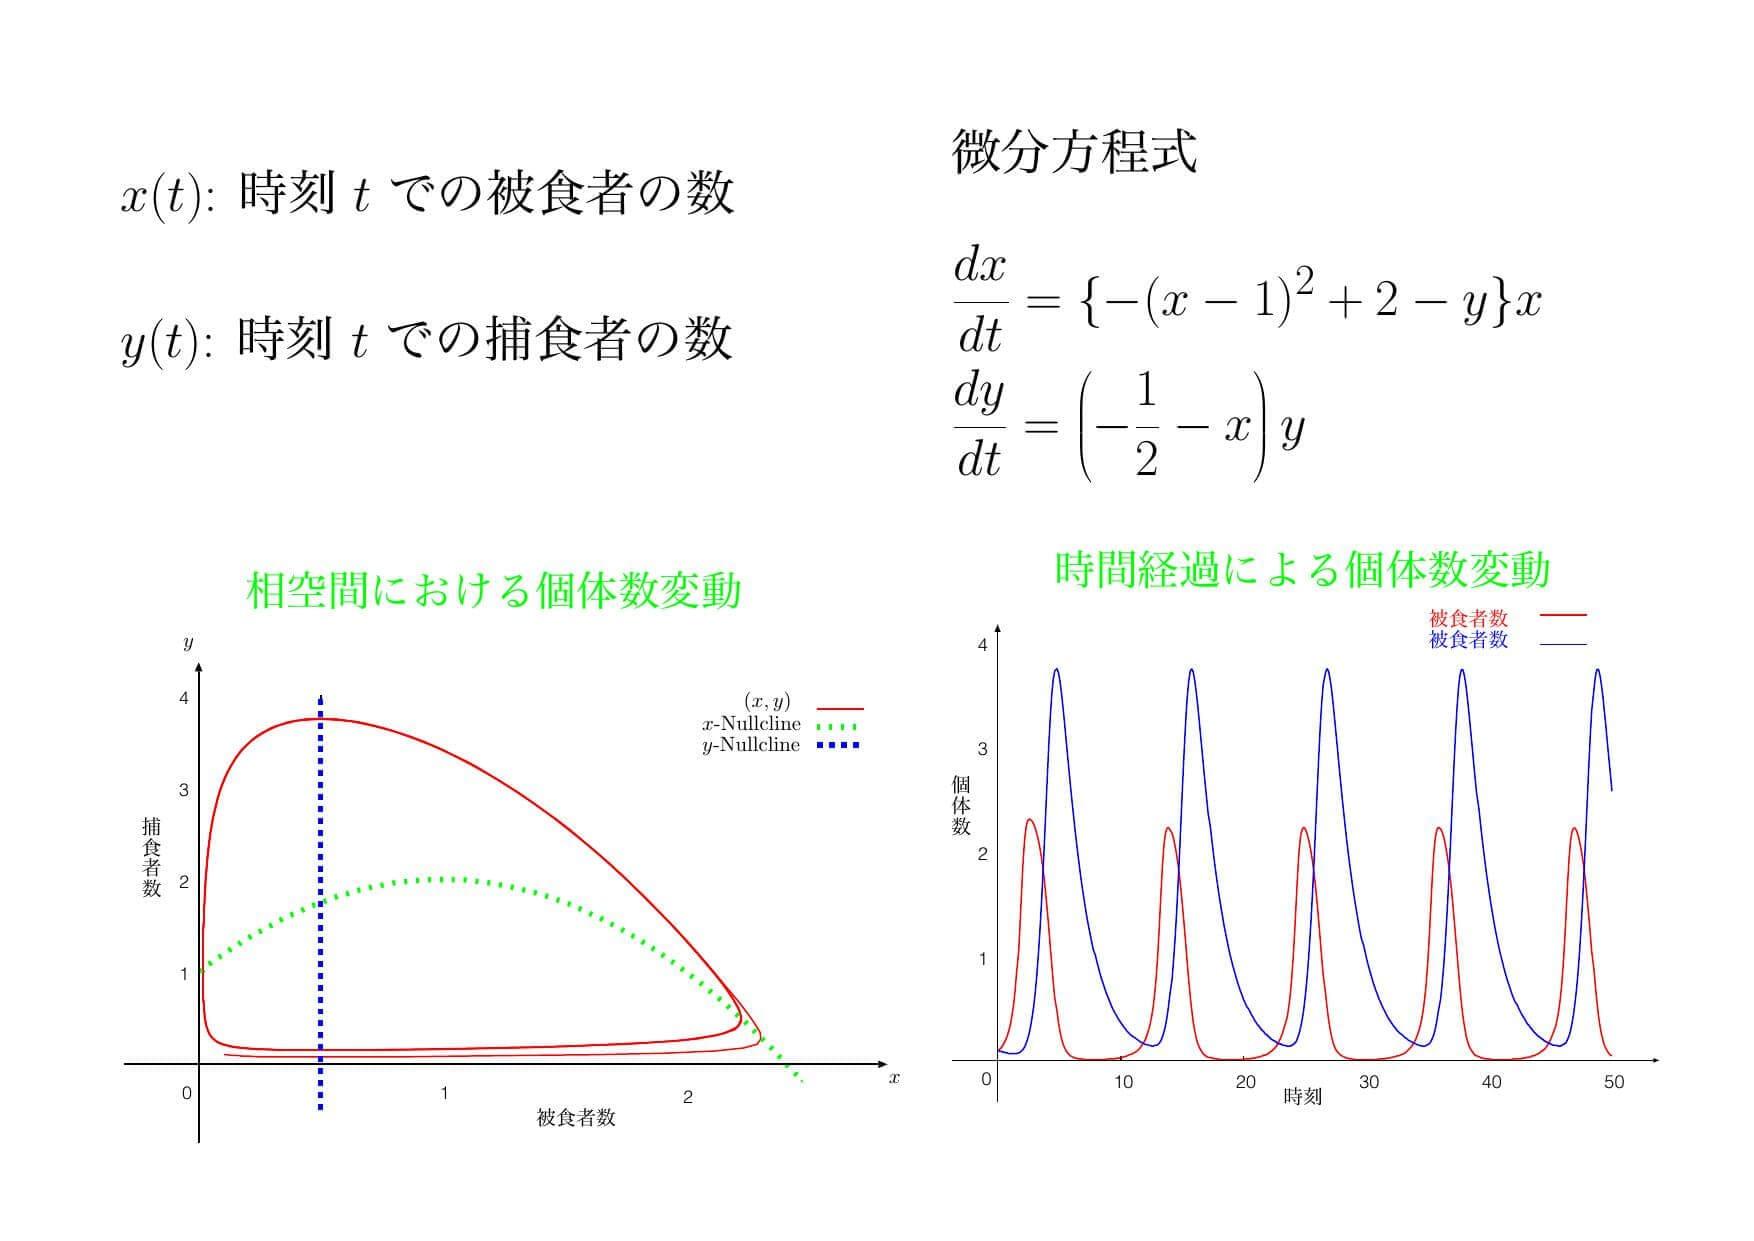 応用解析学 | 情報・電気・数理データサイエンス系 | 岡山大学工学部